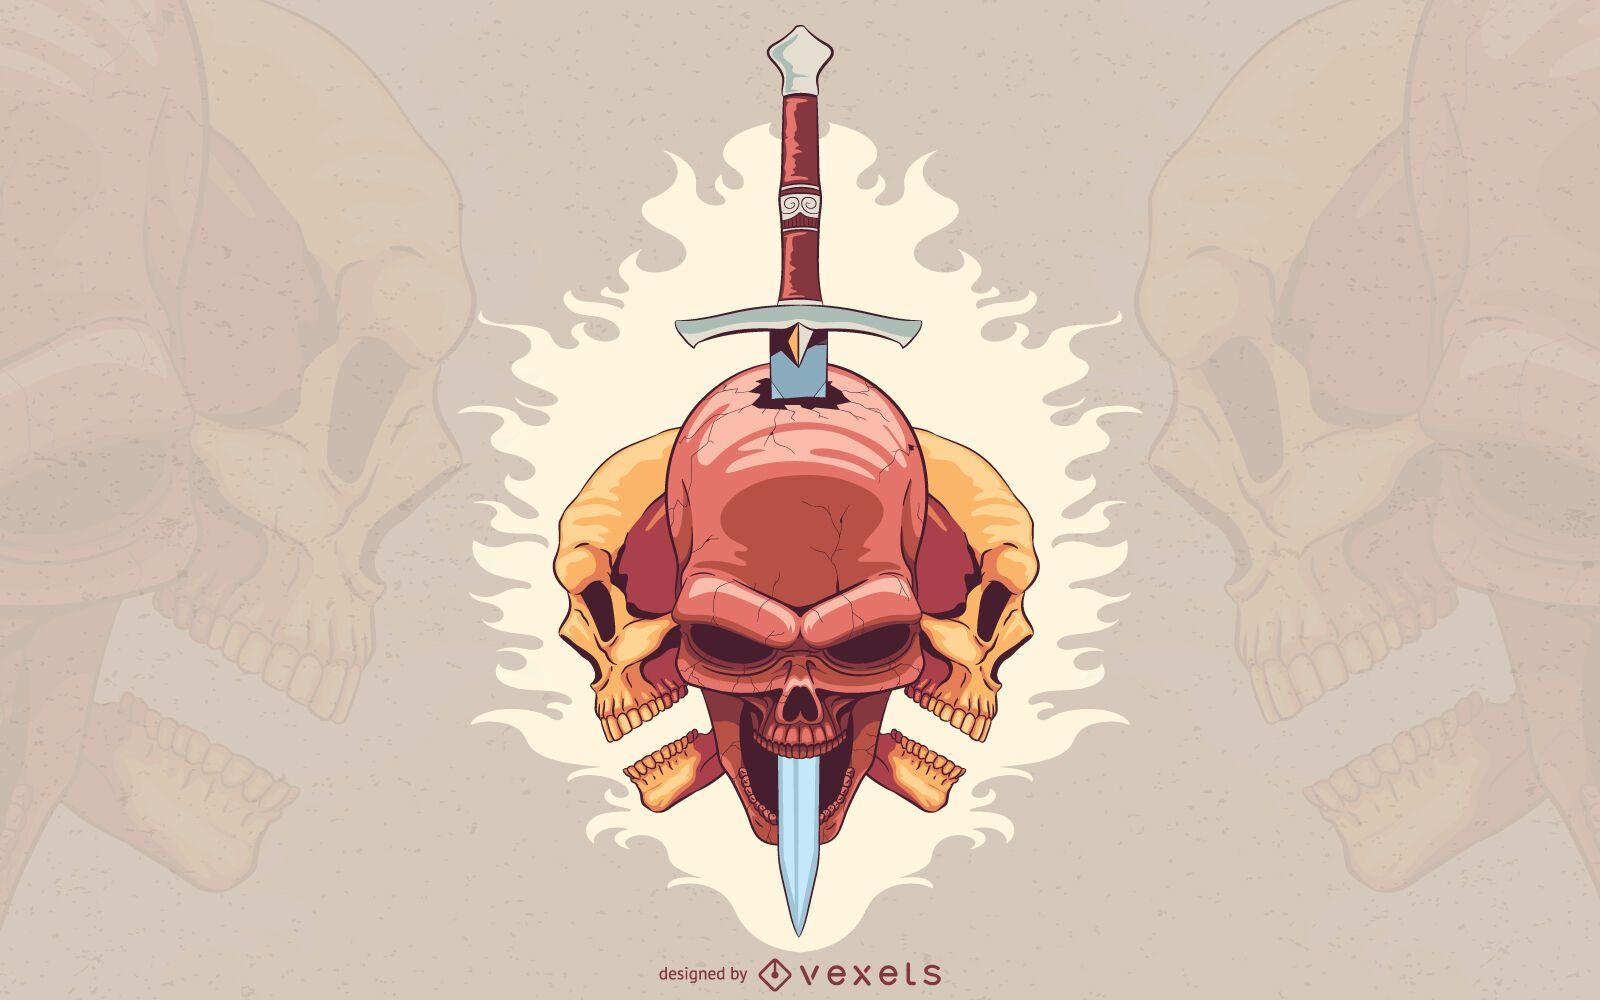 Pierced skull dagger illustration design